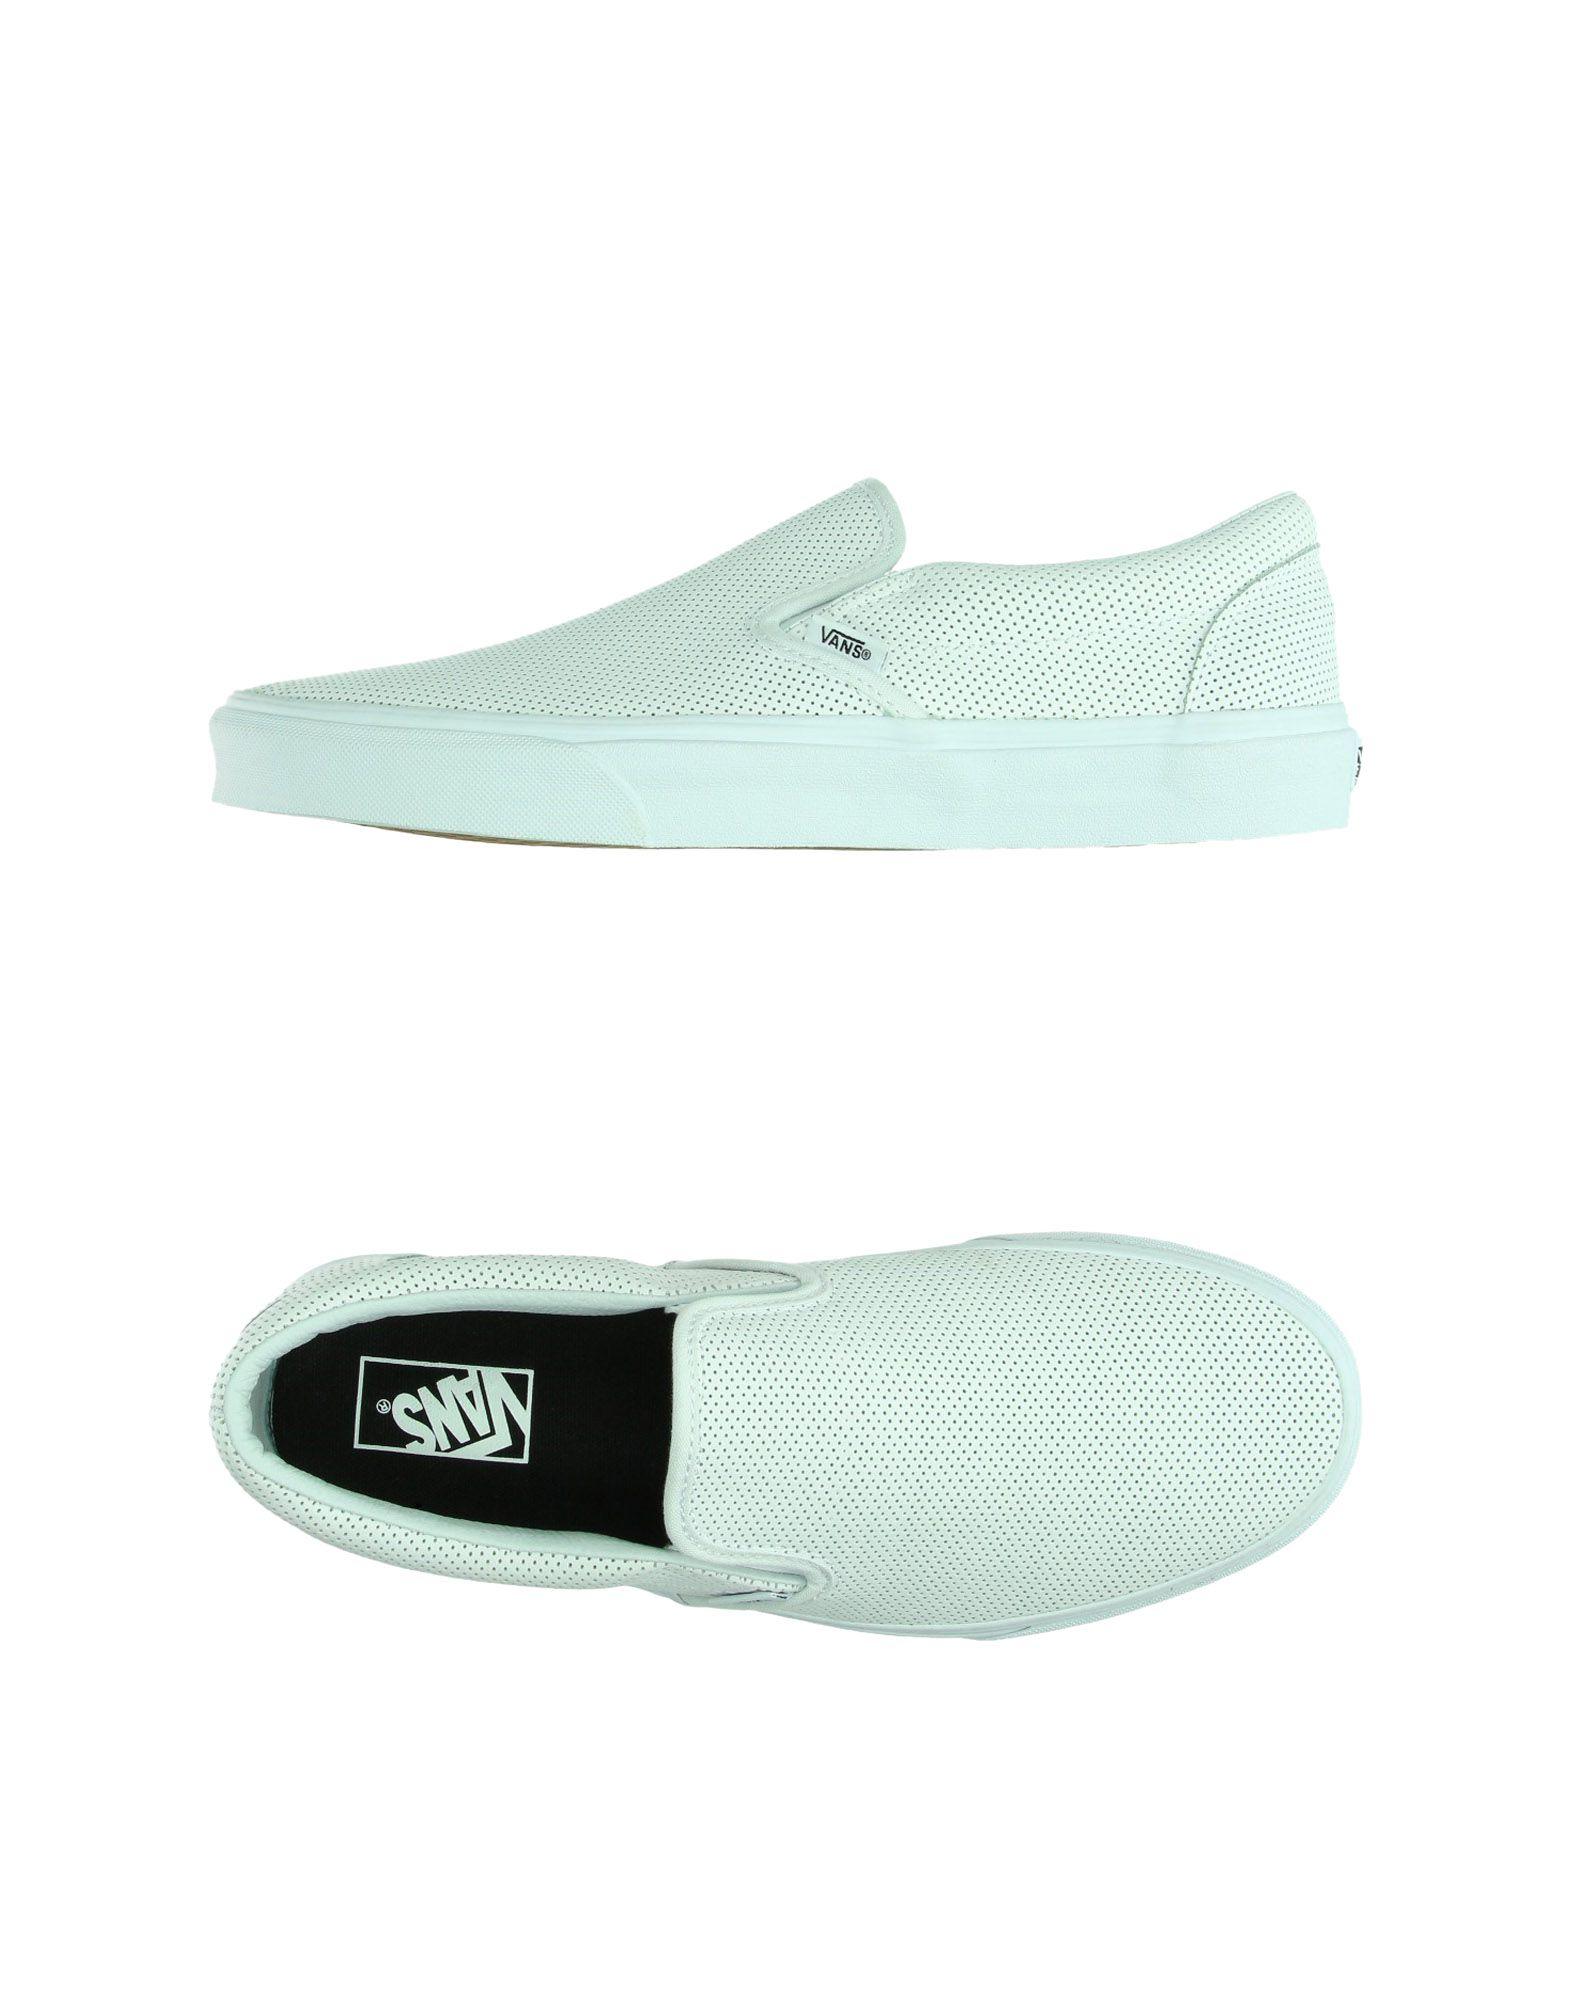 Rabatt Herren echte Schuhe Vans Sneakers Herren Rabatt  44884511FD ec5ed6